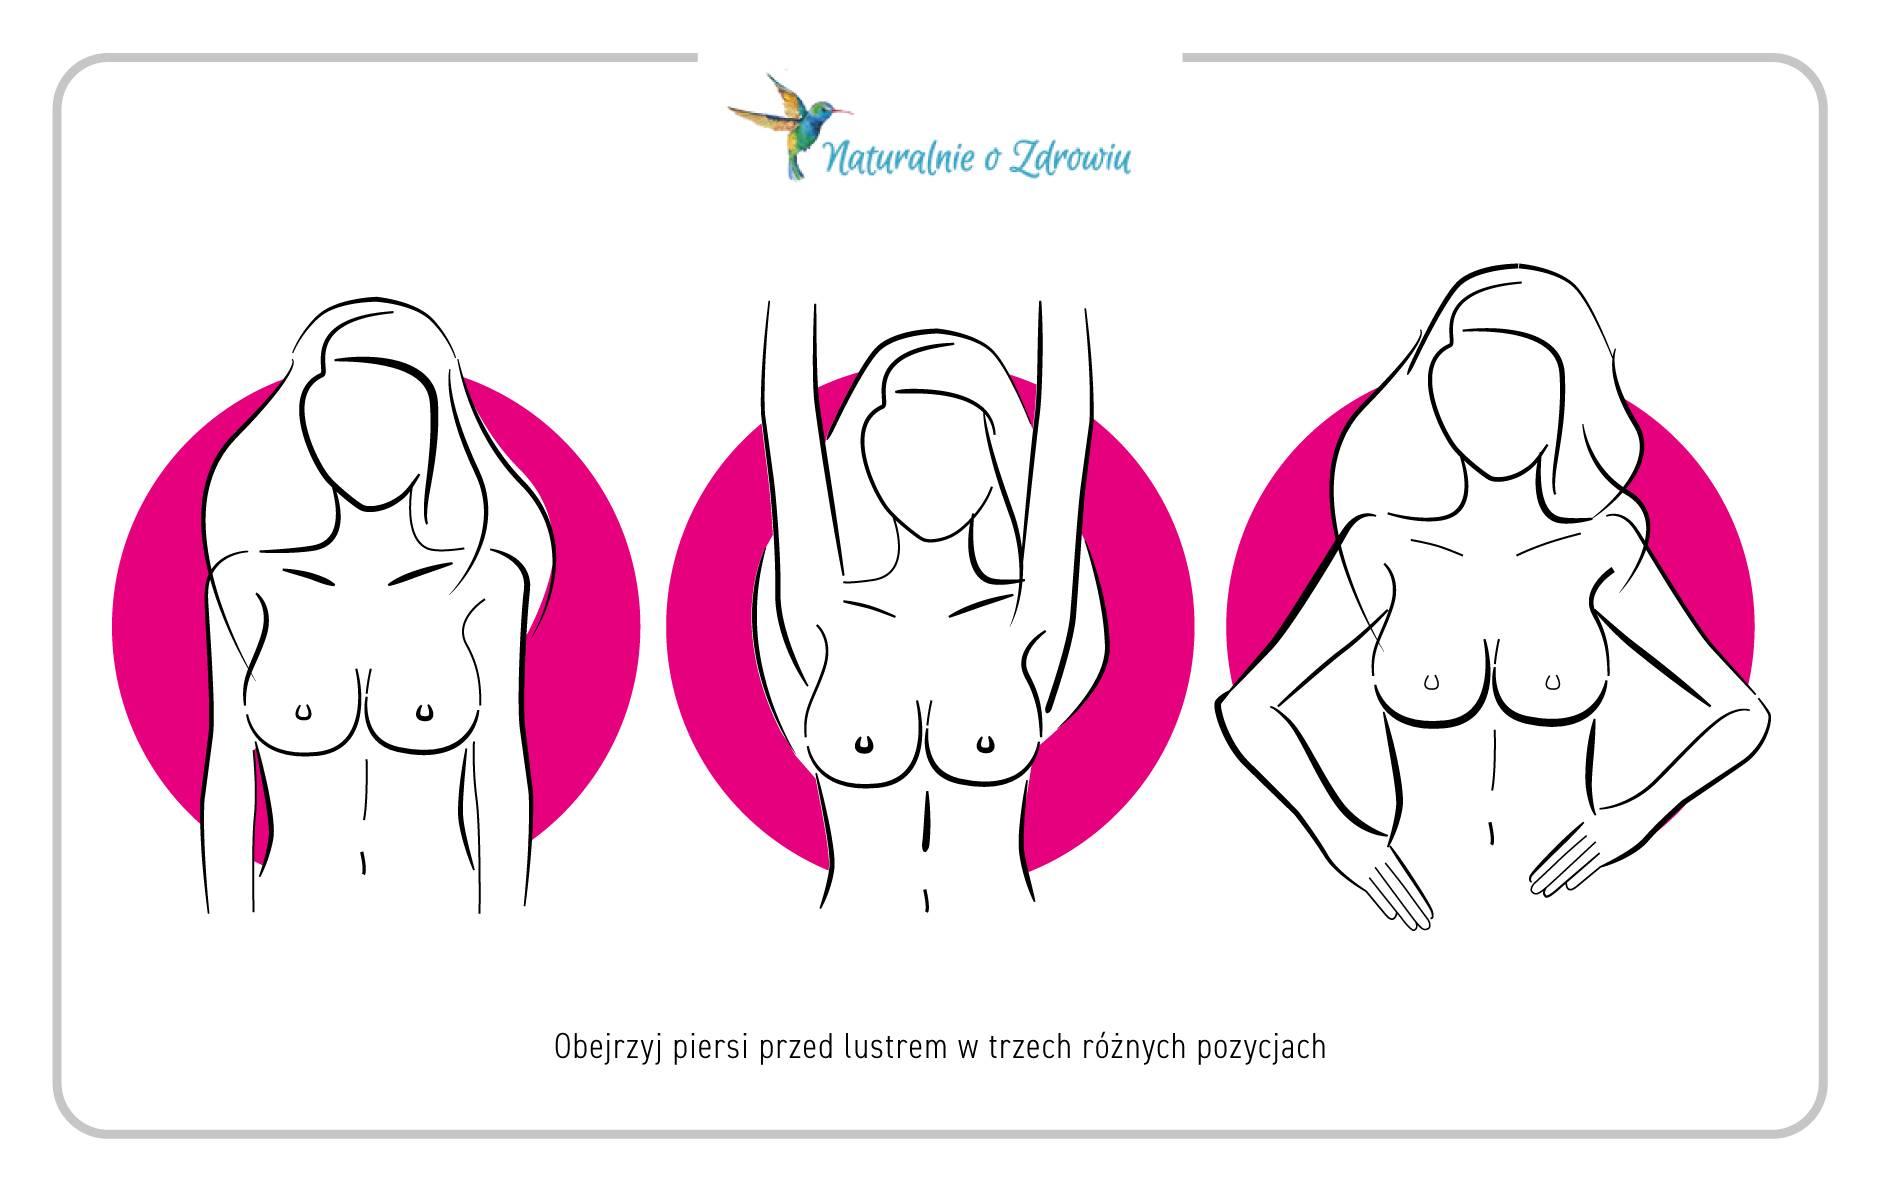 Samobadanie piersi - jak to robić? Infografika.